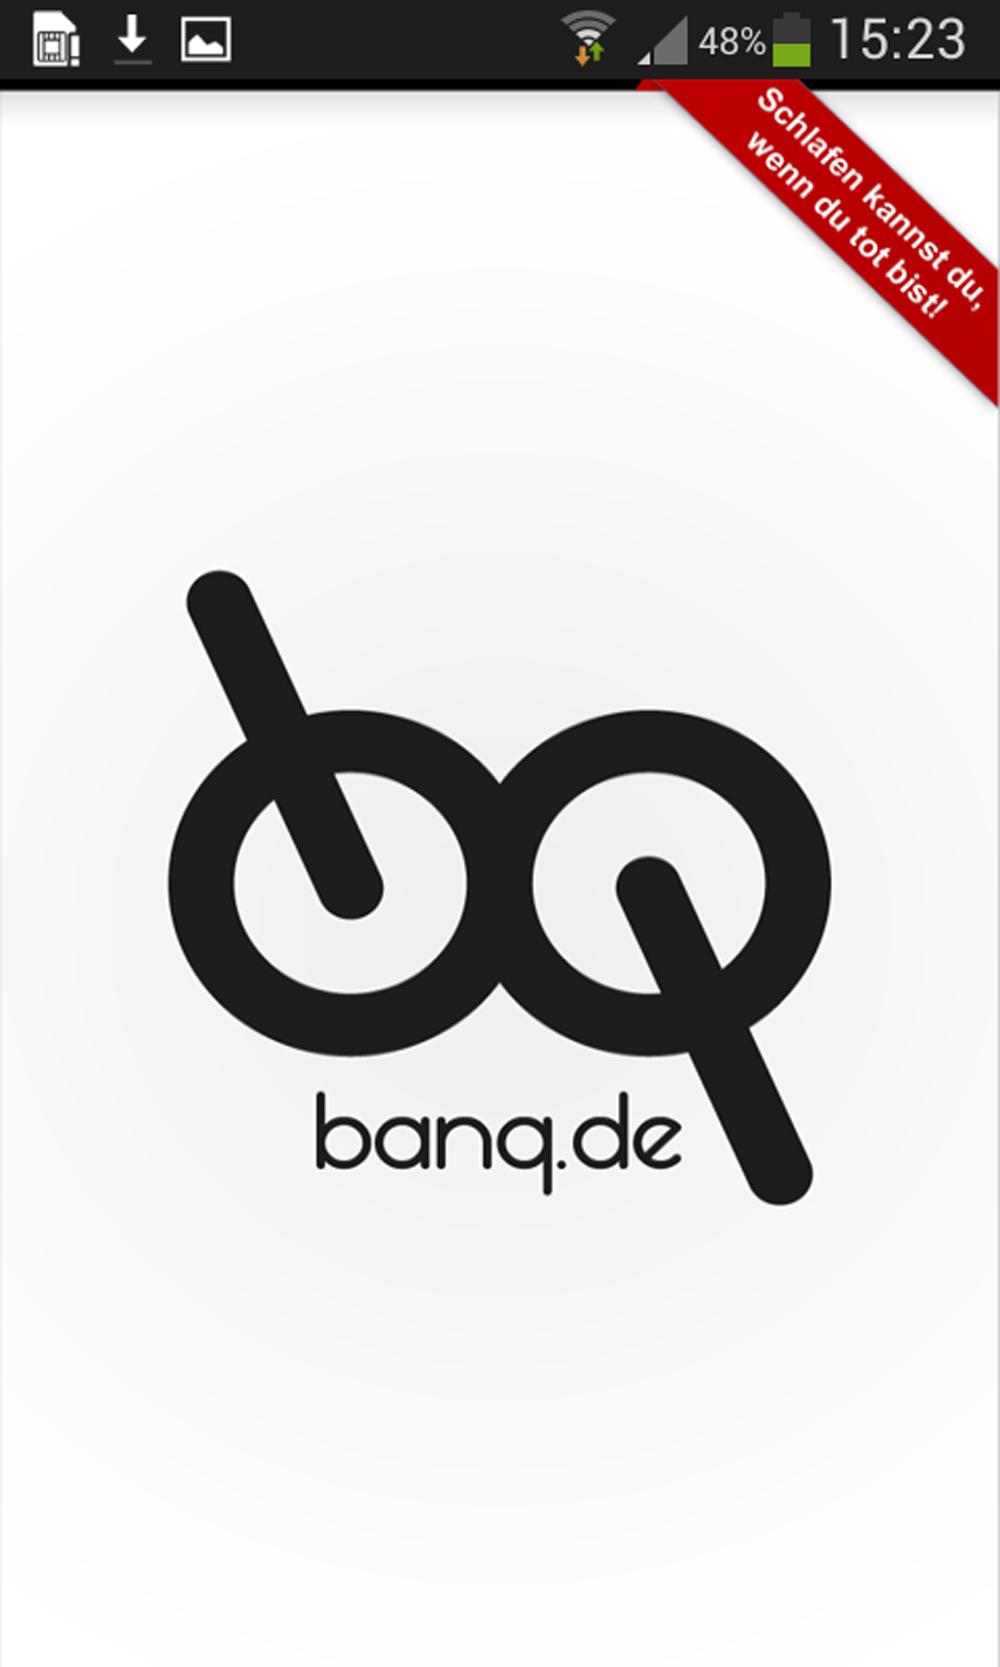 banq.de mobile